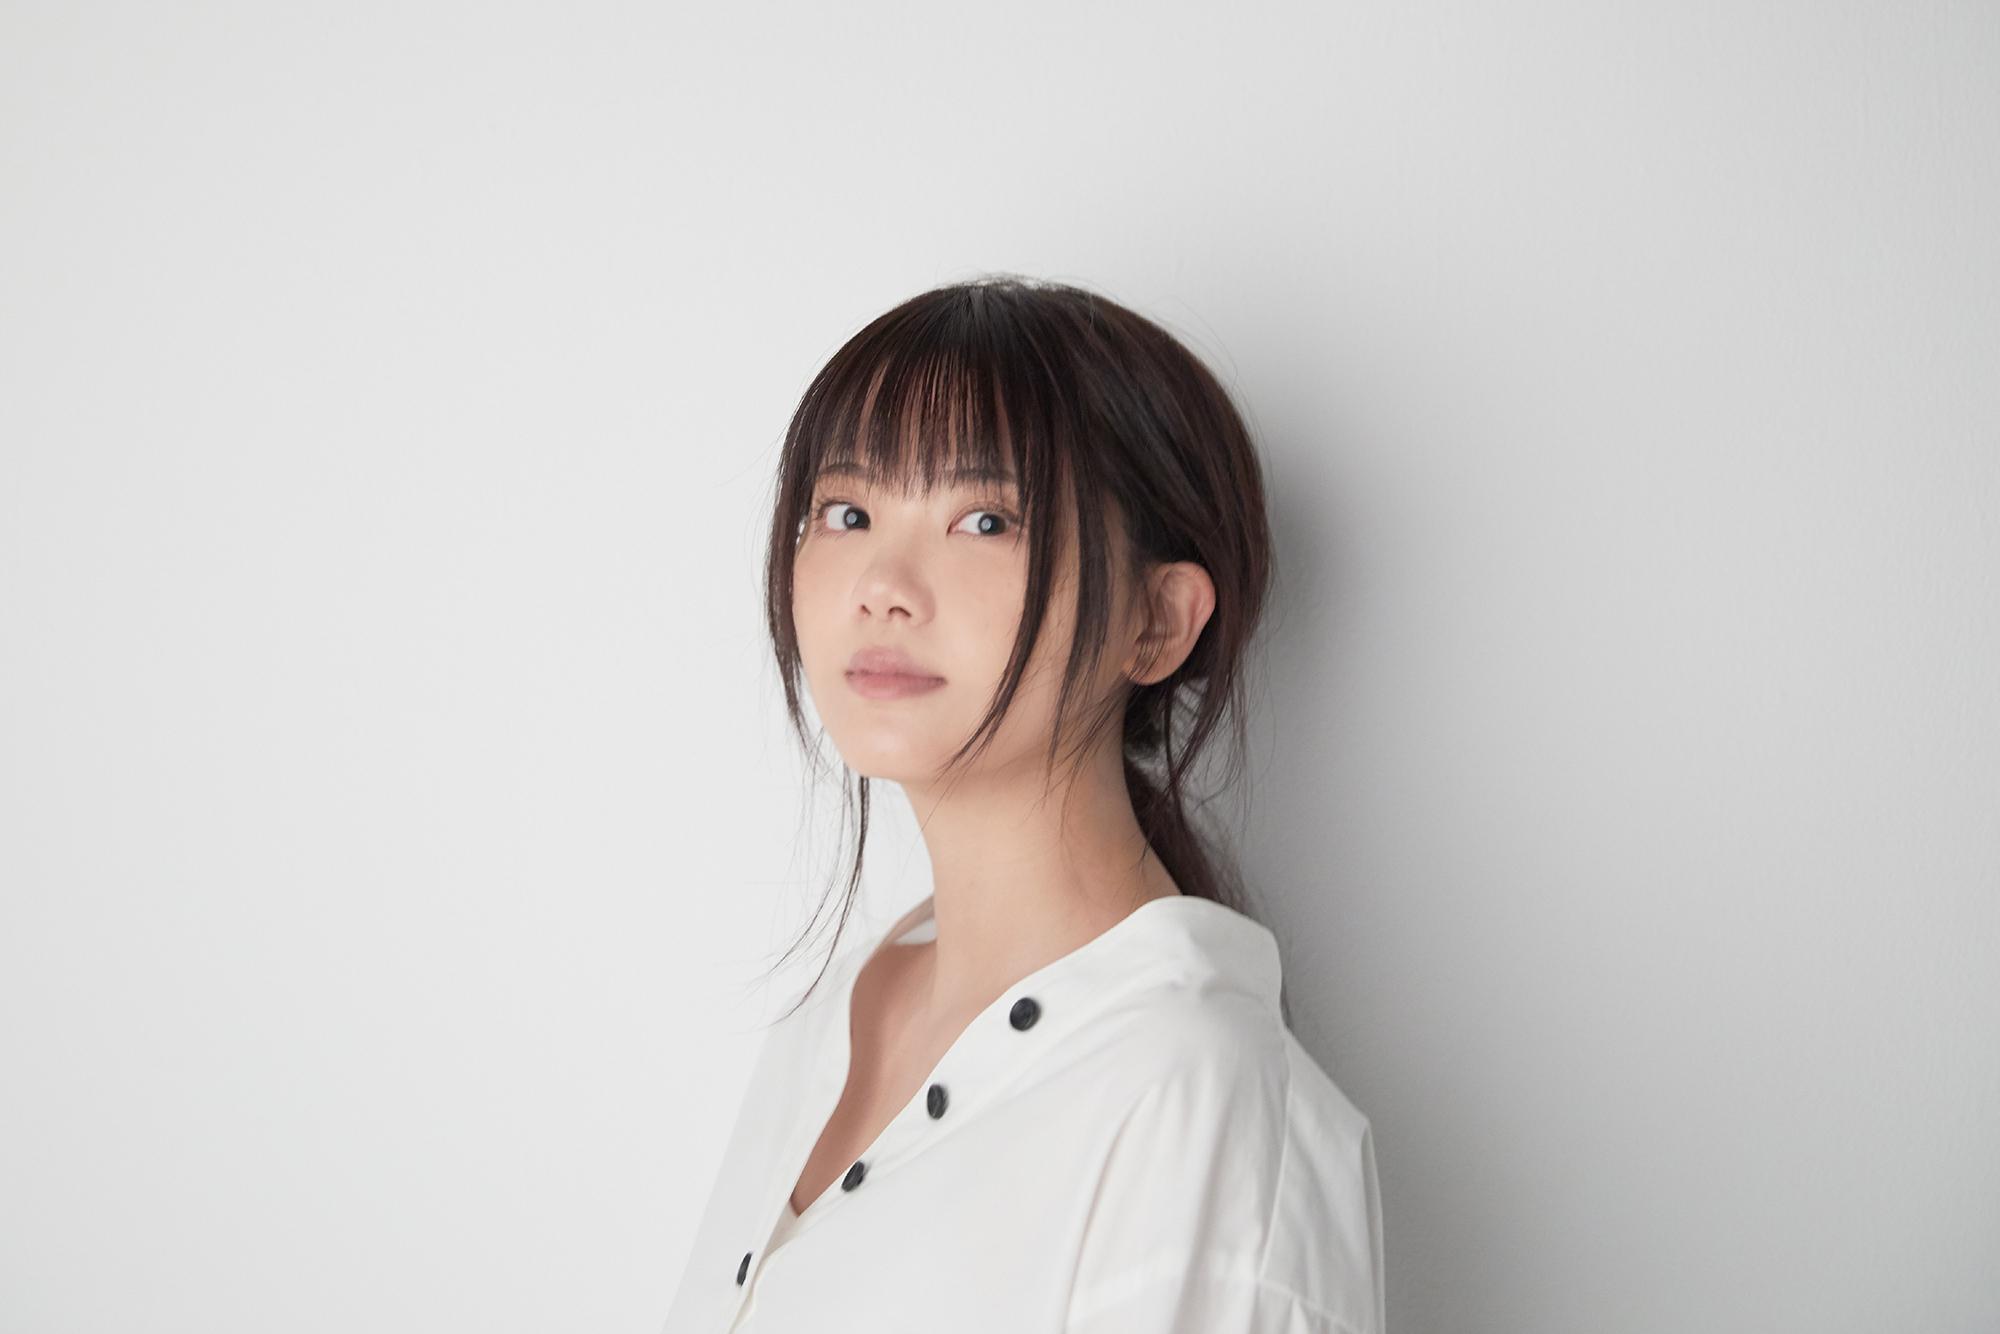 aikoサブスク解禁記念!aiko好き著名人・吉岡聖恵(いきものがかり)にインタビュー!